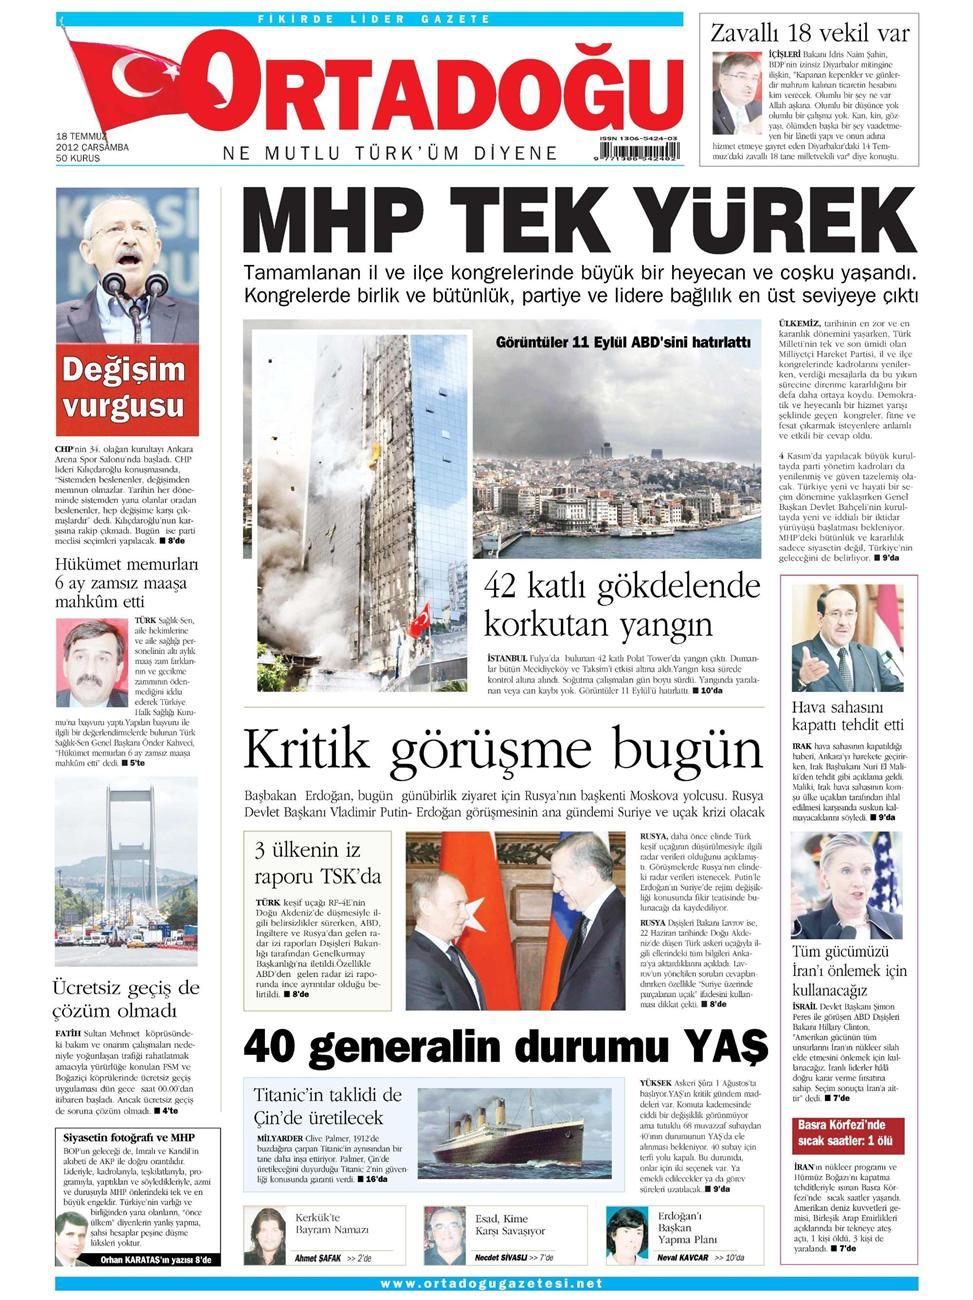 Gazete Manşetleri - 18 Temmuz 2012 9